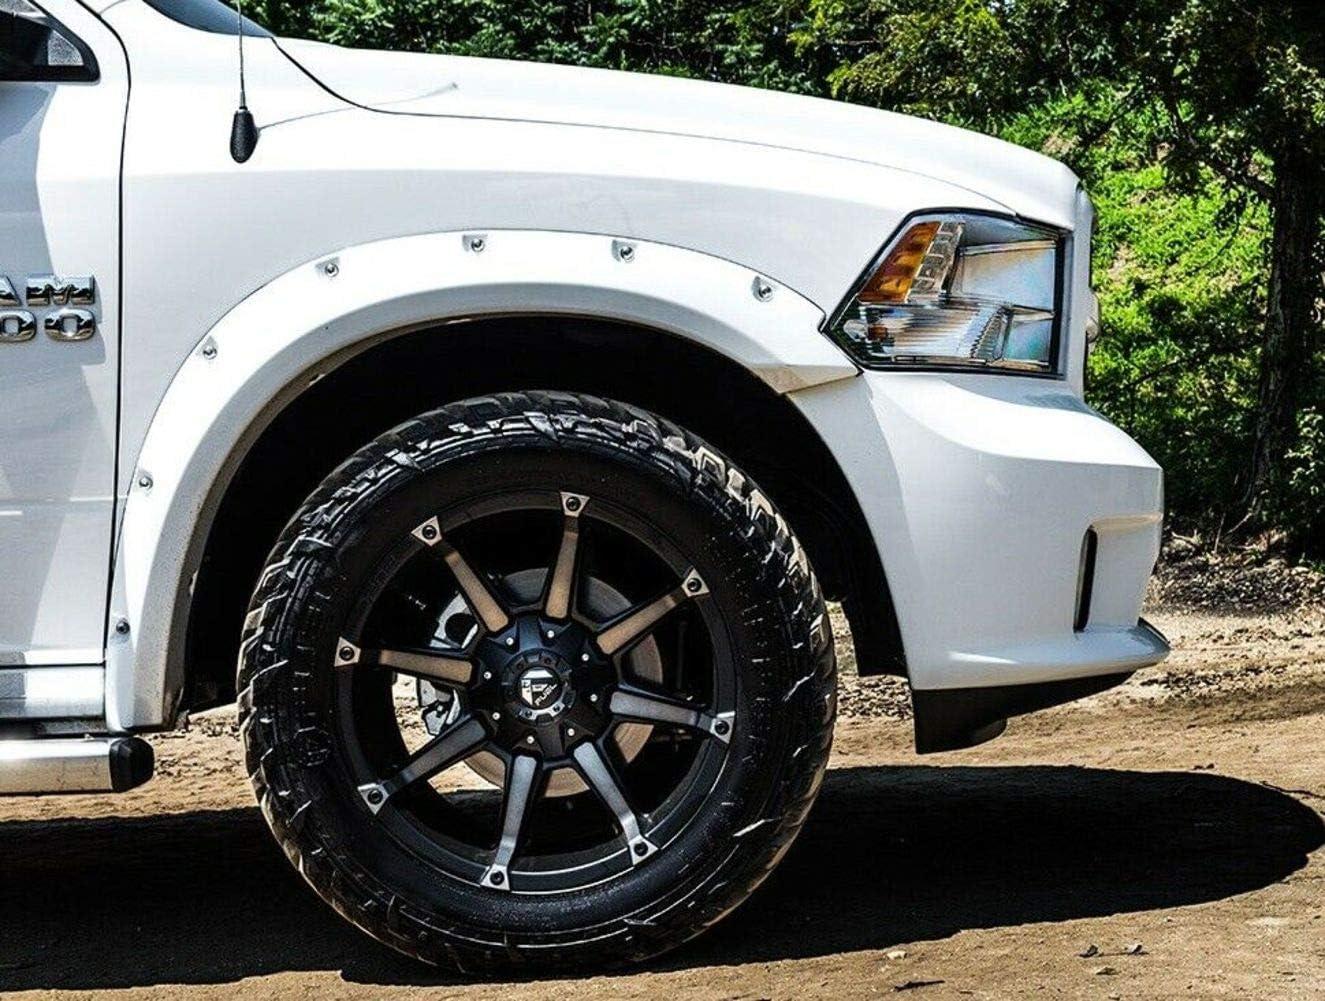 AUTHORIZED DEALER 20x9 Fuel Offroad Wheels Coupler D556 8x170 20 Offset 125.1 Centerbore P# D55620901757 Black//Machine NEW WHEELS ONLY